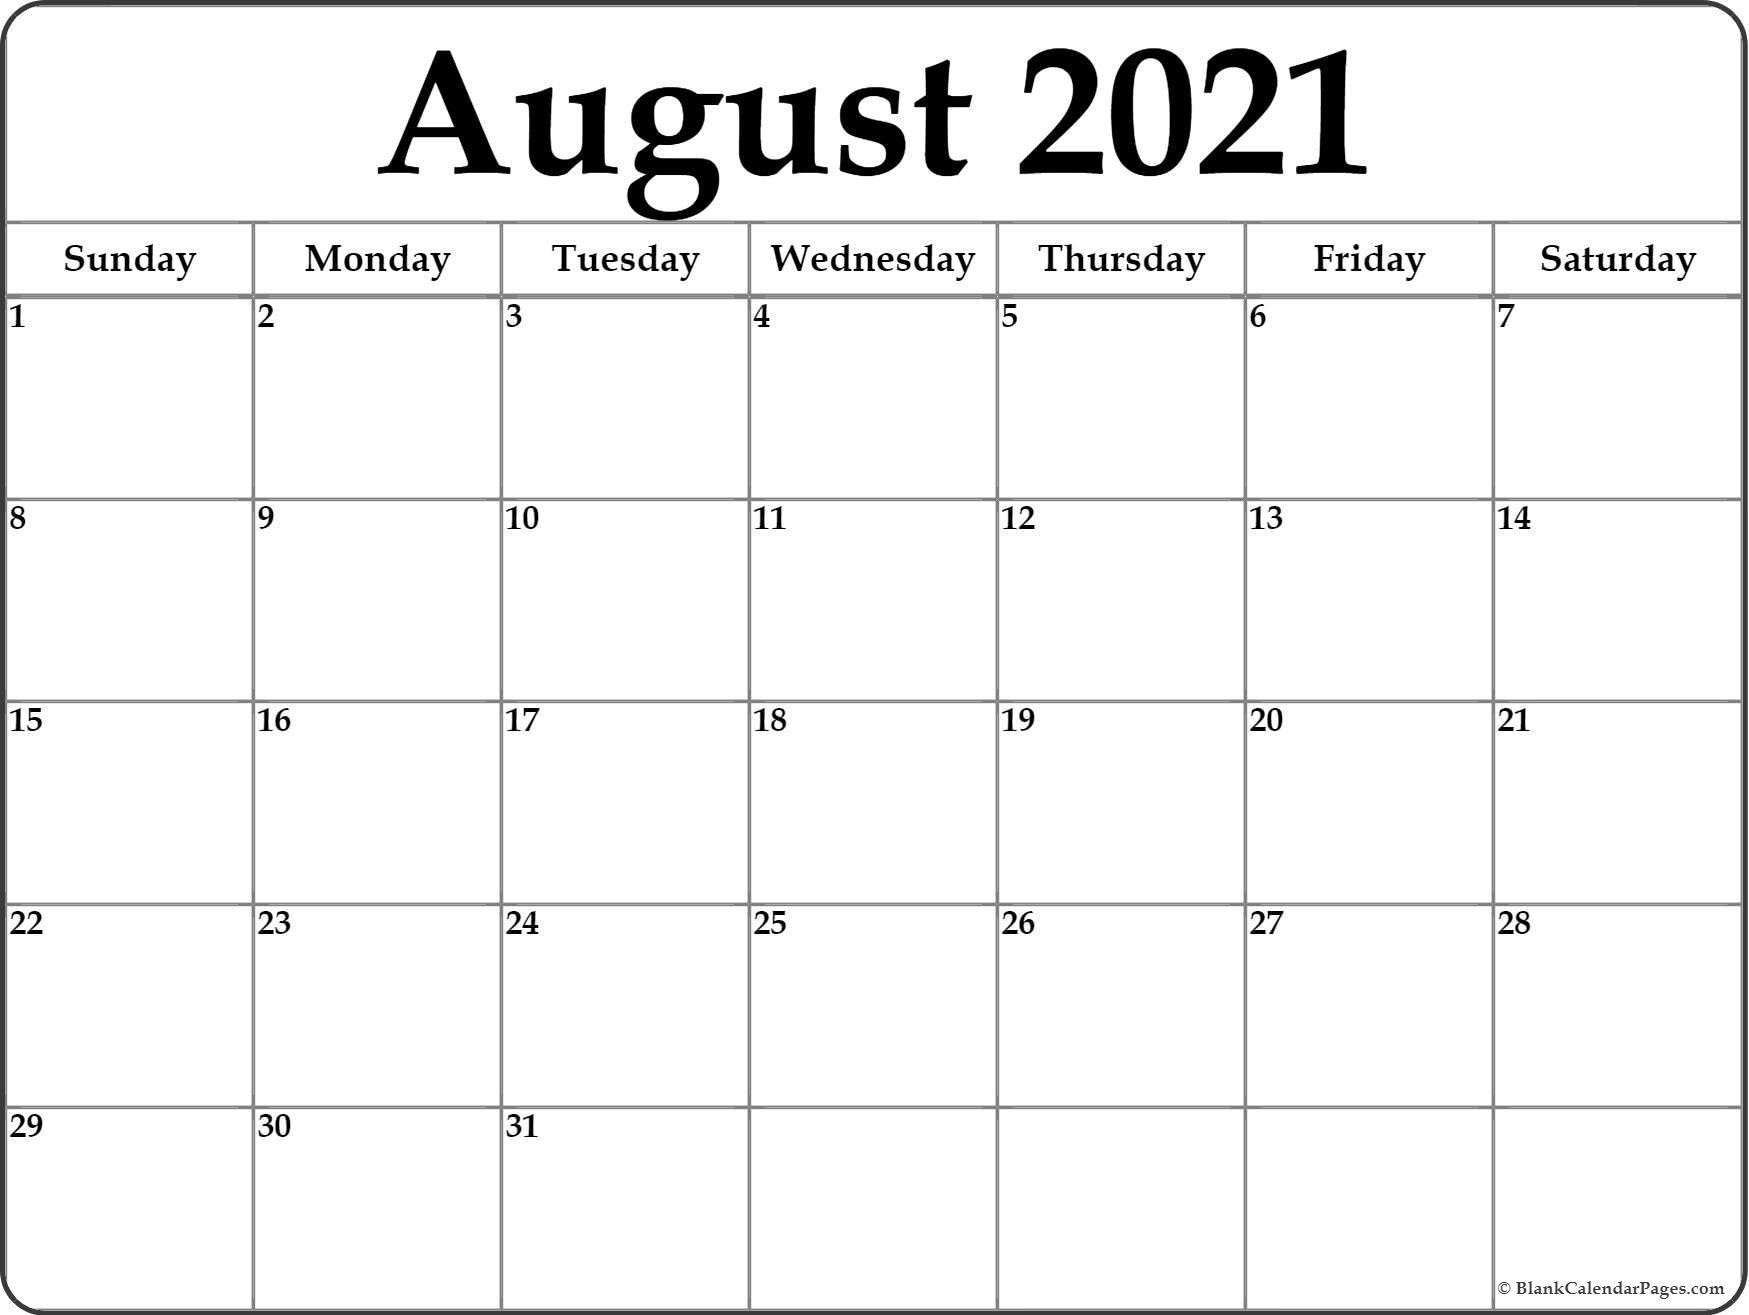 Get 2021 August Calendar Print Out